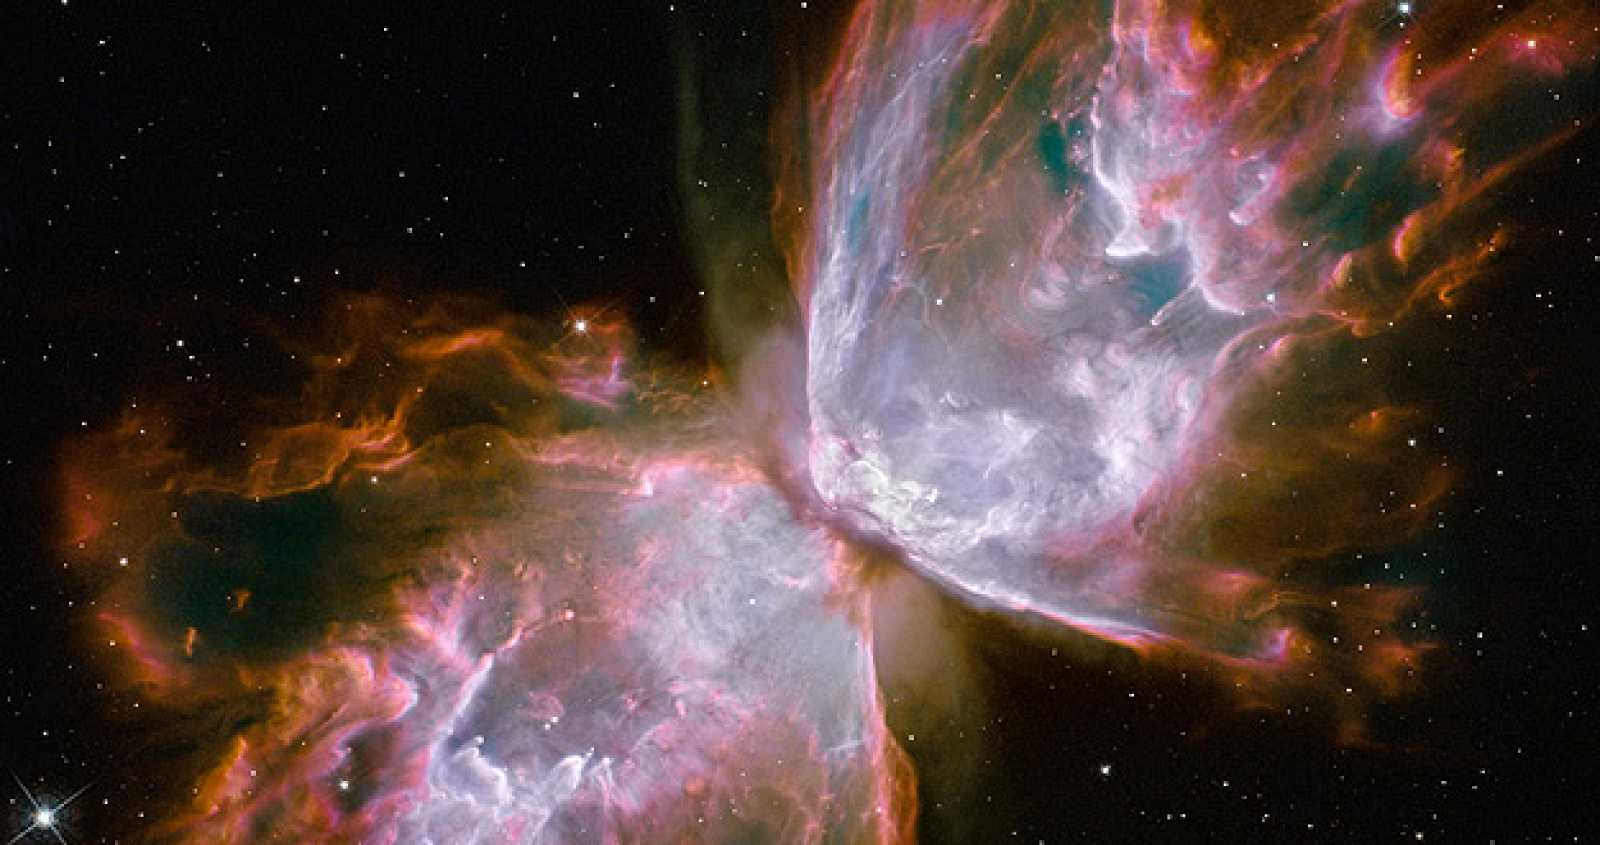 Un cuerpo celeste con forma de mariposa emerge en la nebulosa planetaria NGC 6302.